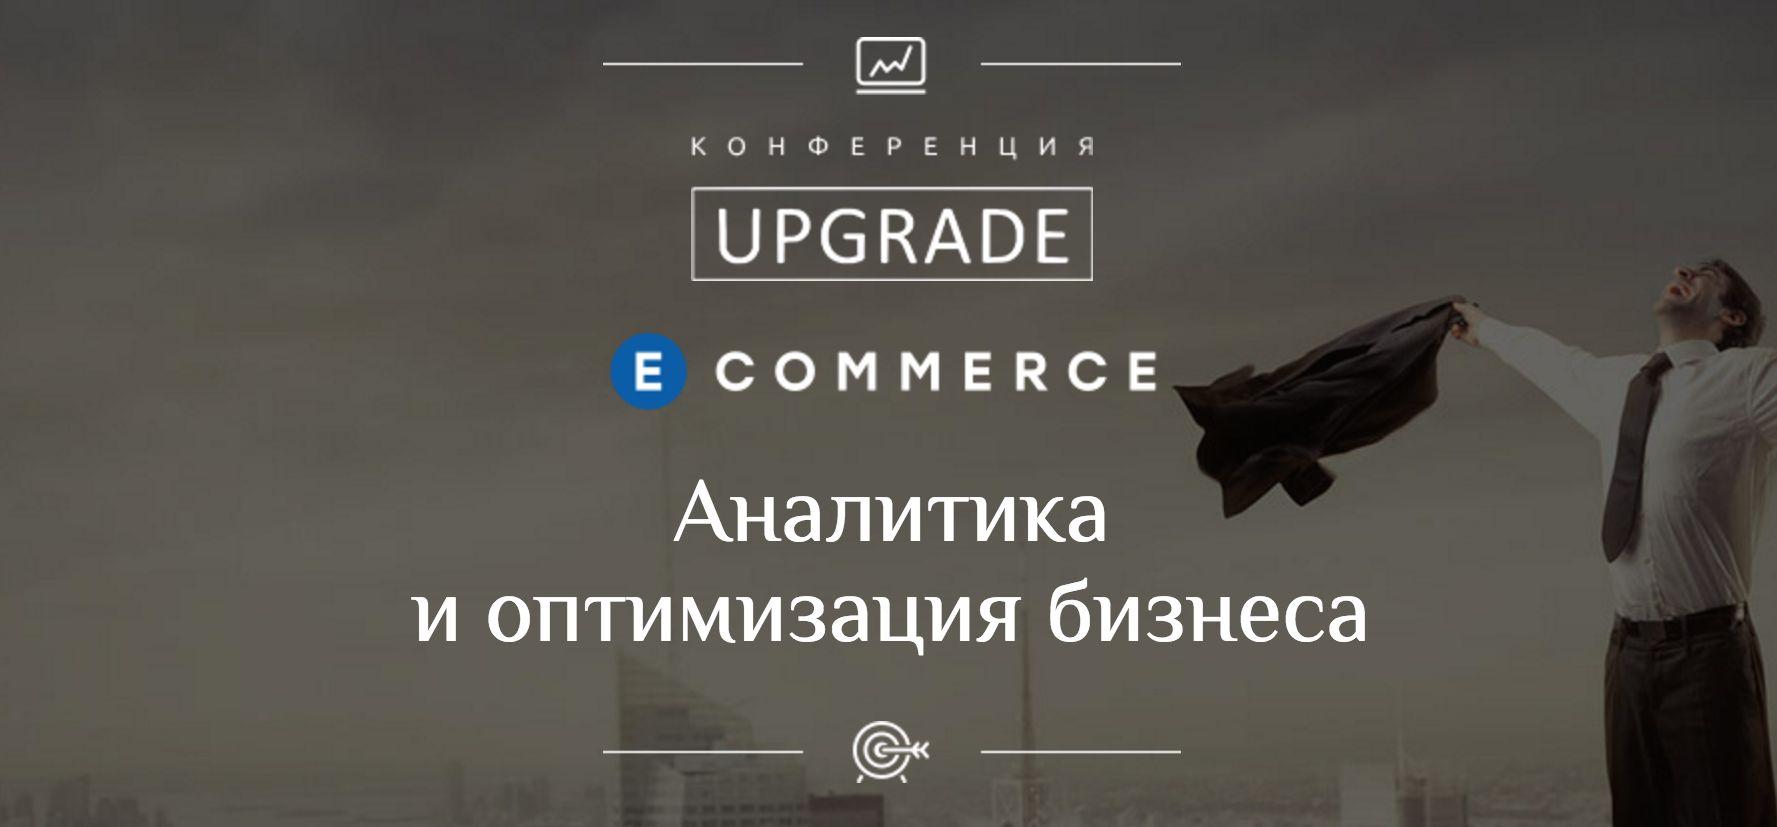 Российский e-commerce рынок в первой половине 2016 года